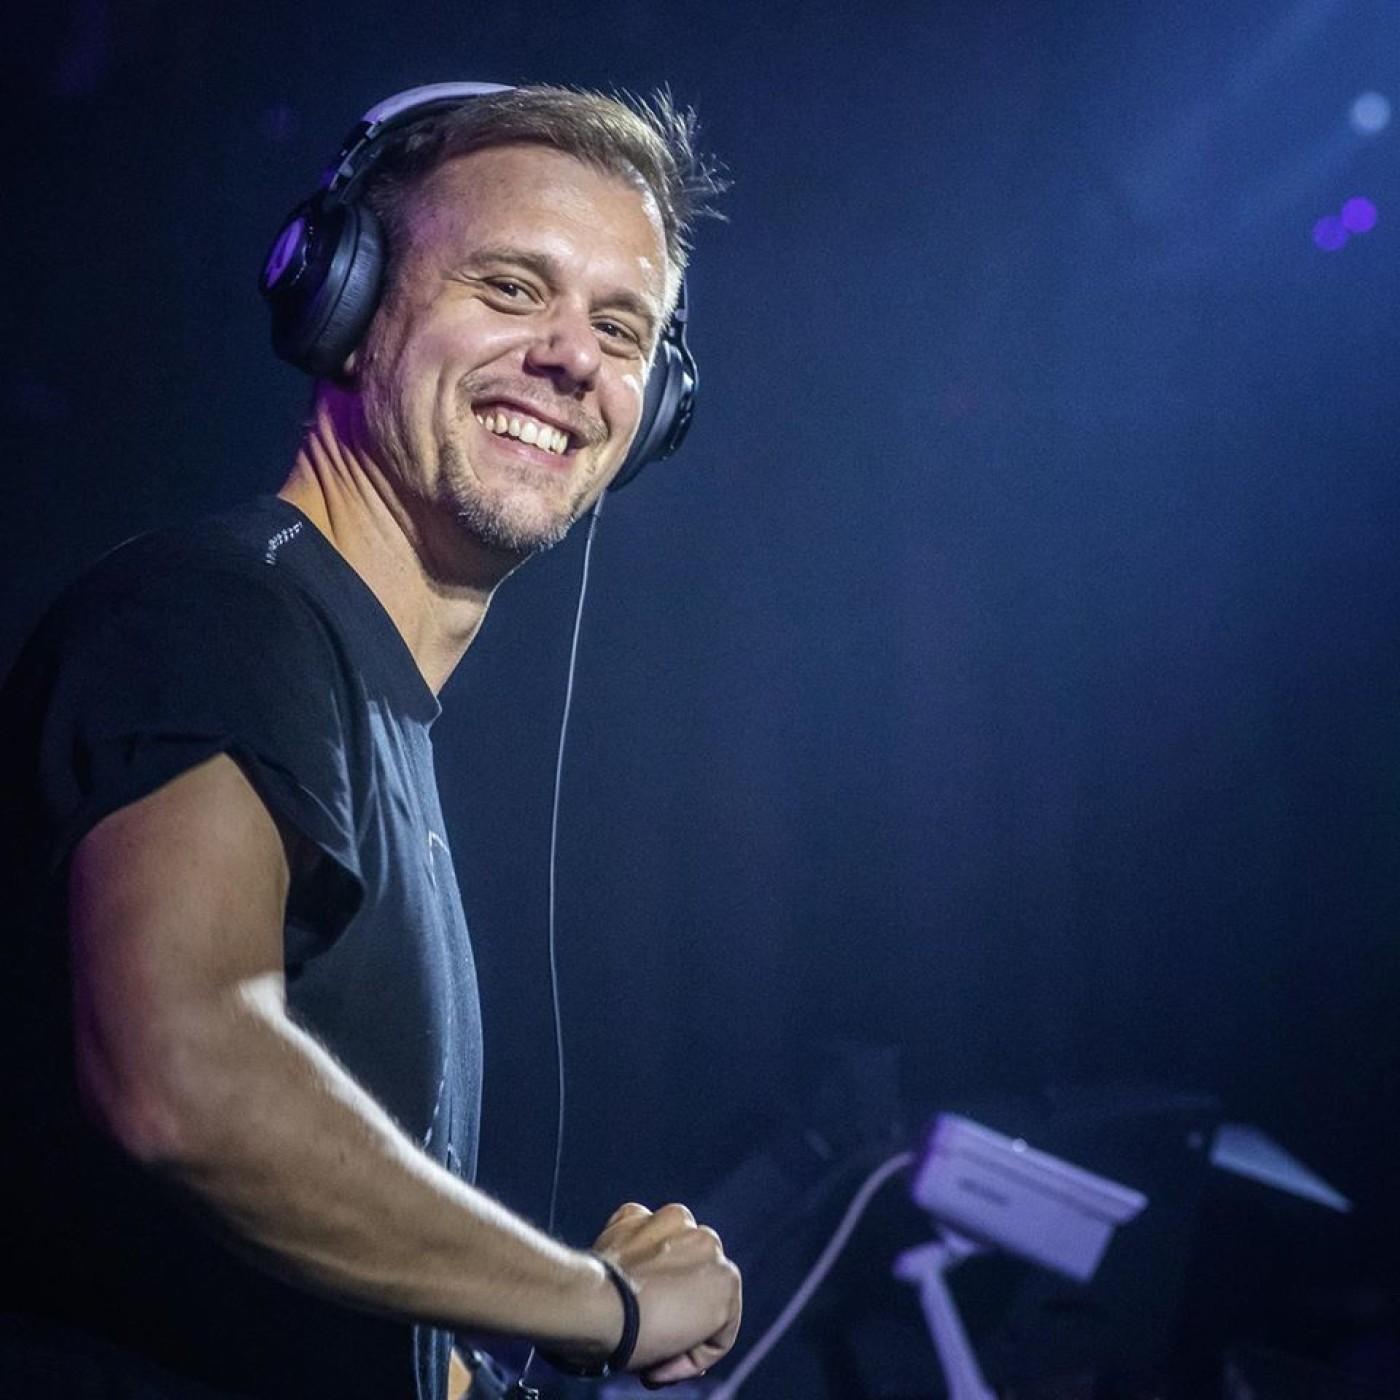 La music story du jour : Armin Van Buuren